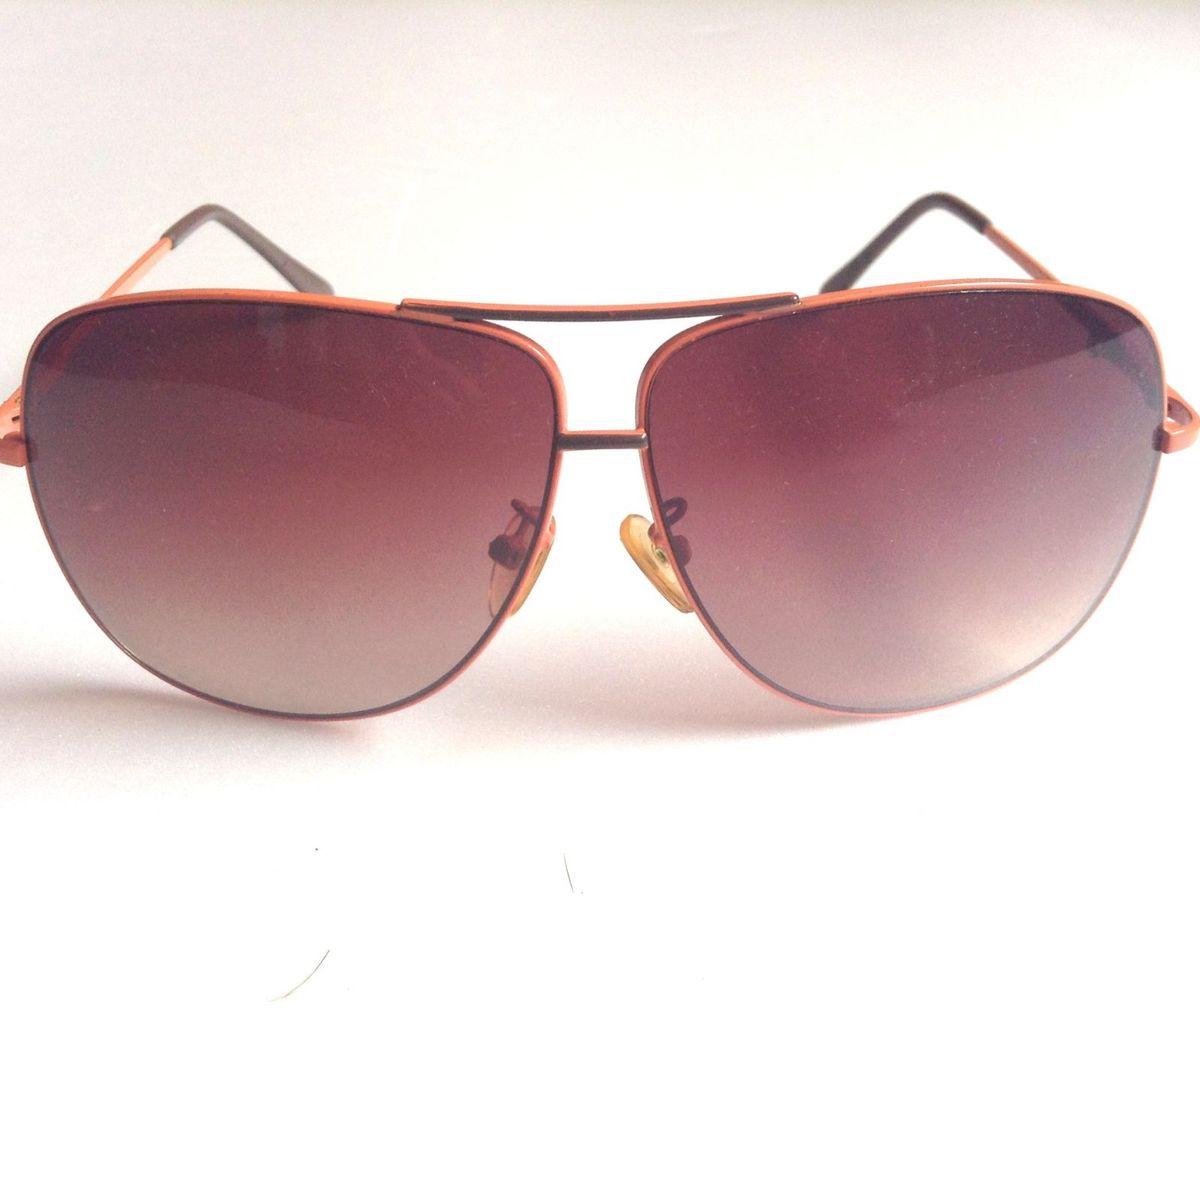 5b90f30ba Oculos de Sol Chilli Beans Aviador Laranja | Óculos Feminino Chilli Beans  Usado 31741734 | enjoei